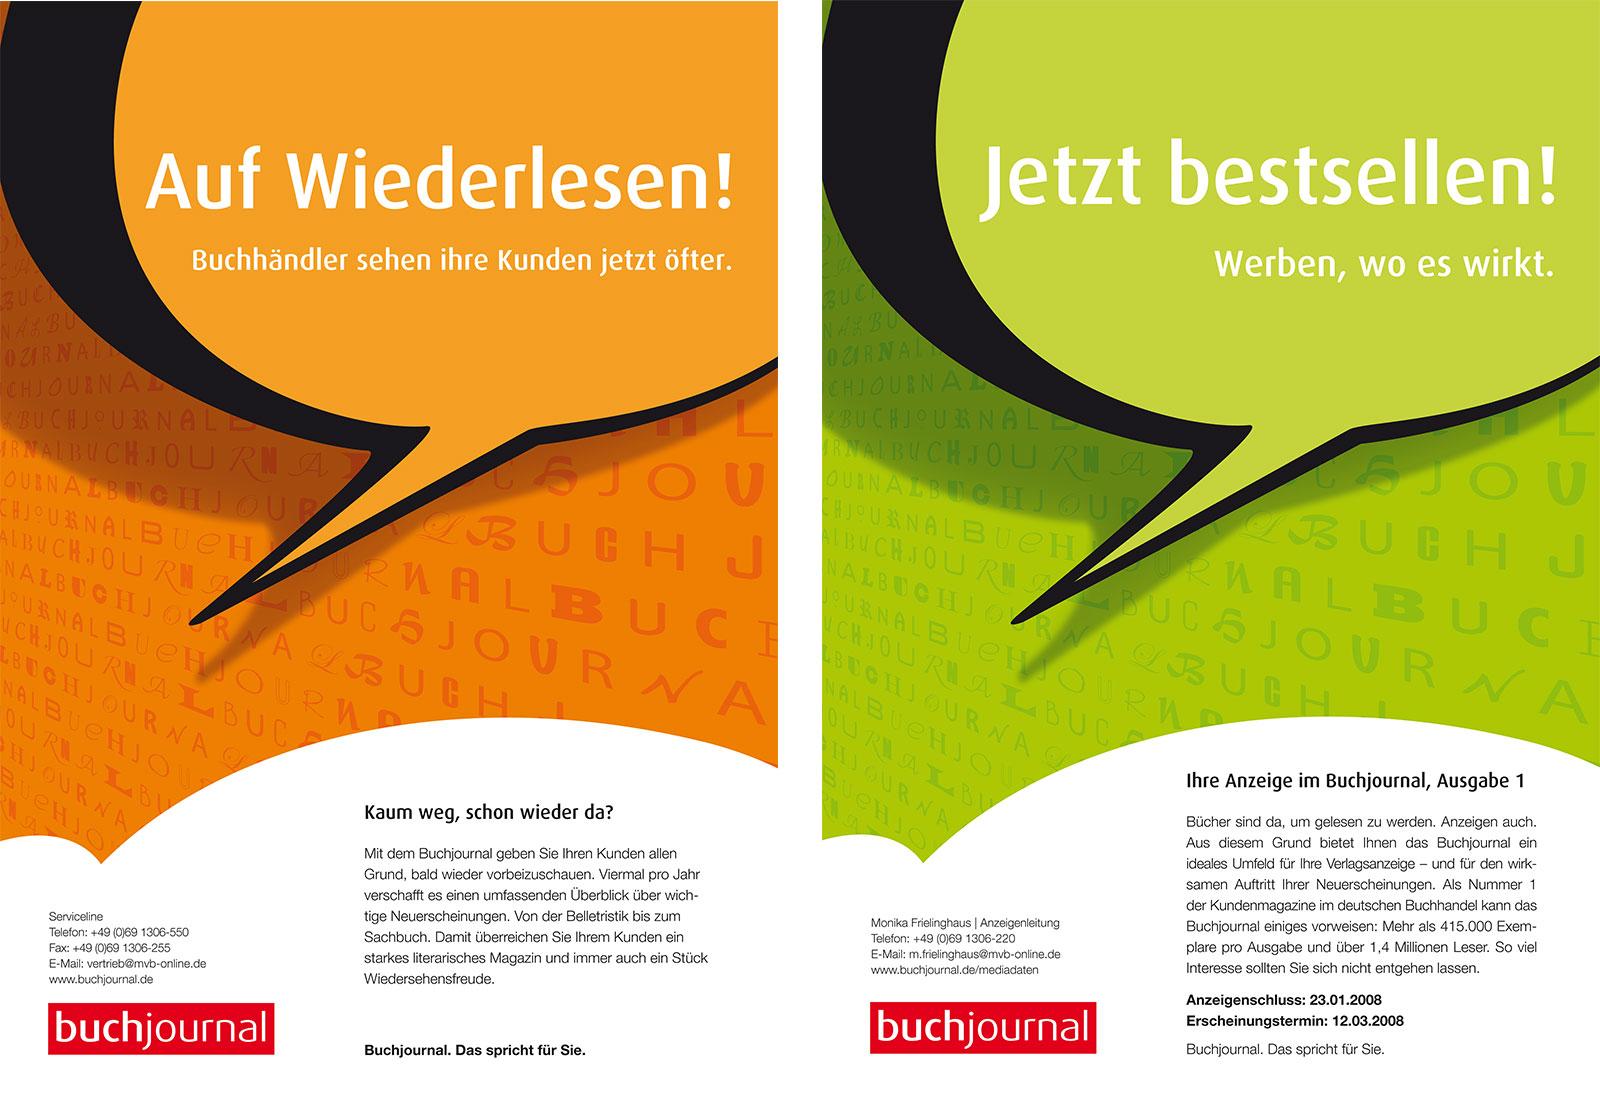 Buchhandels-Kampagne